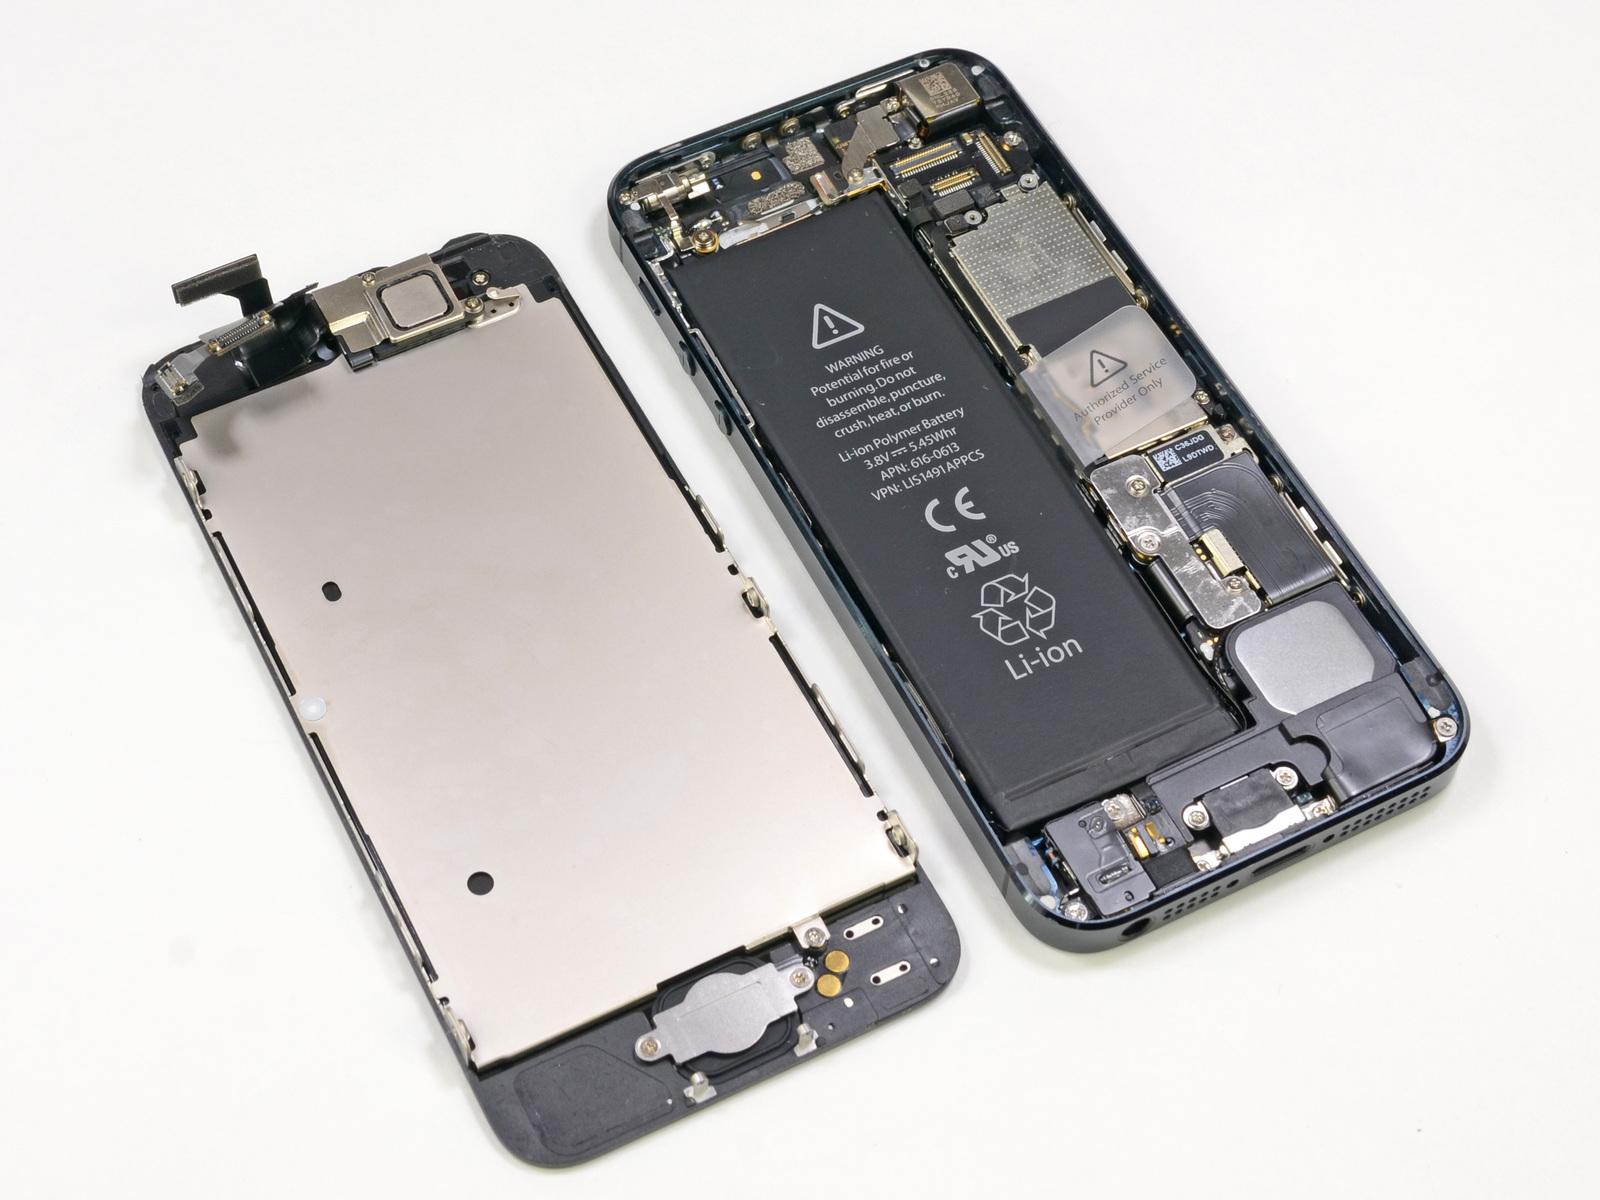 Spare parts & Repair Prices | iPhone Repair Services in Qatar